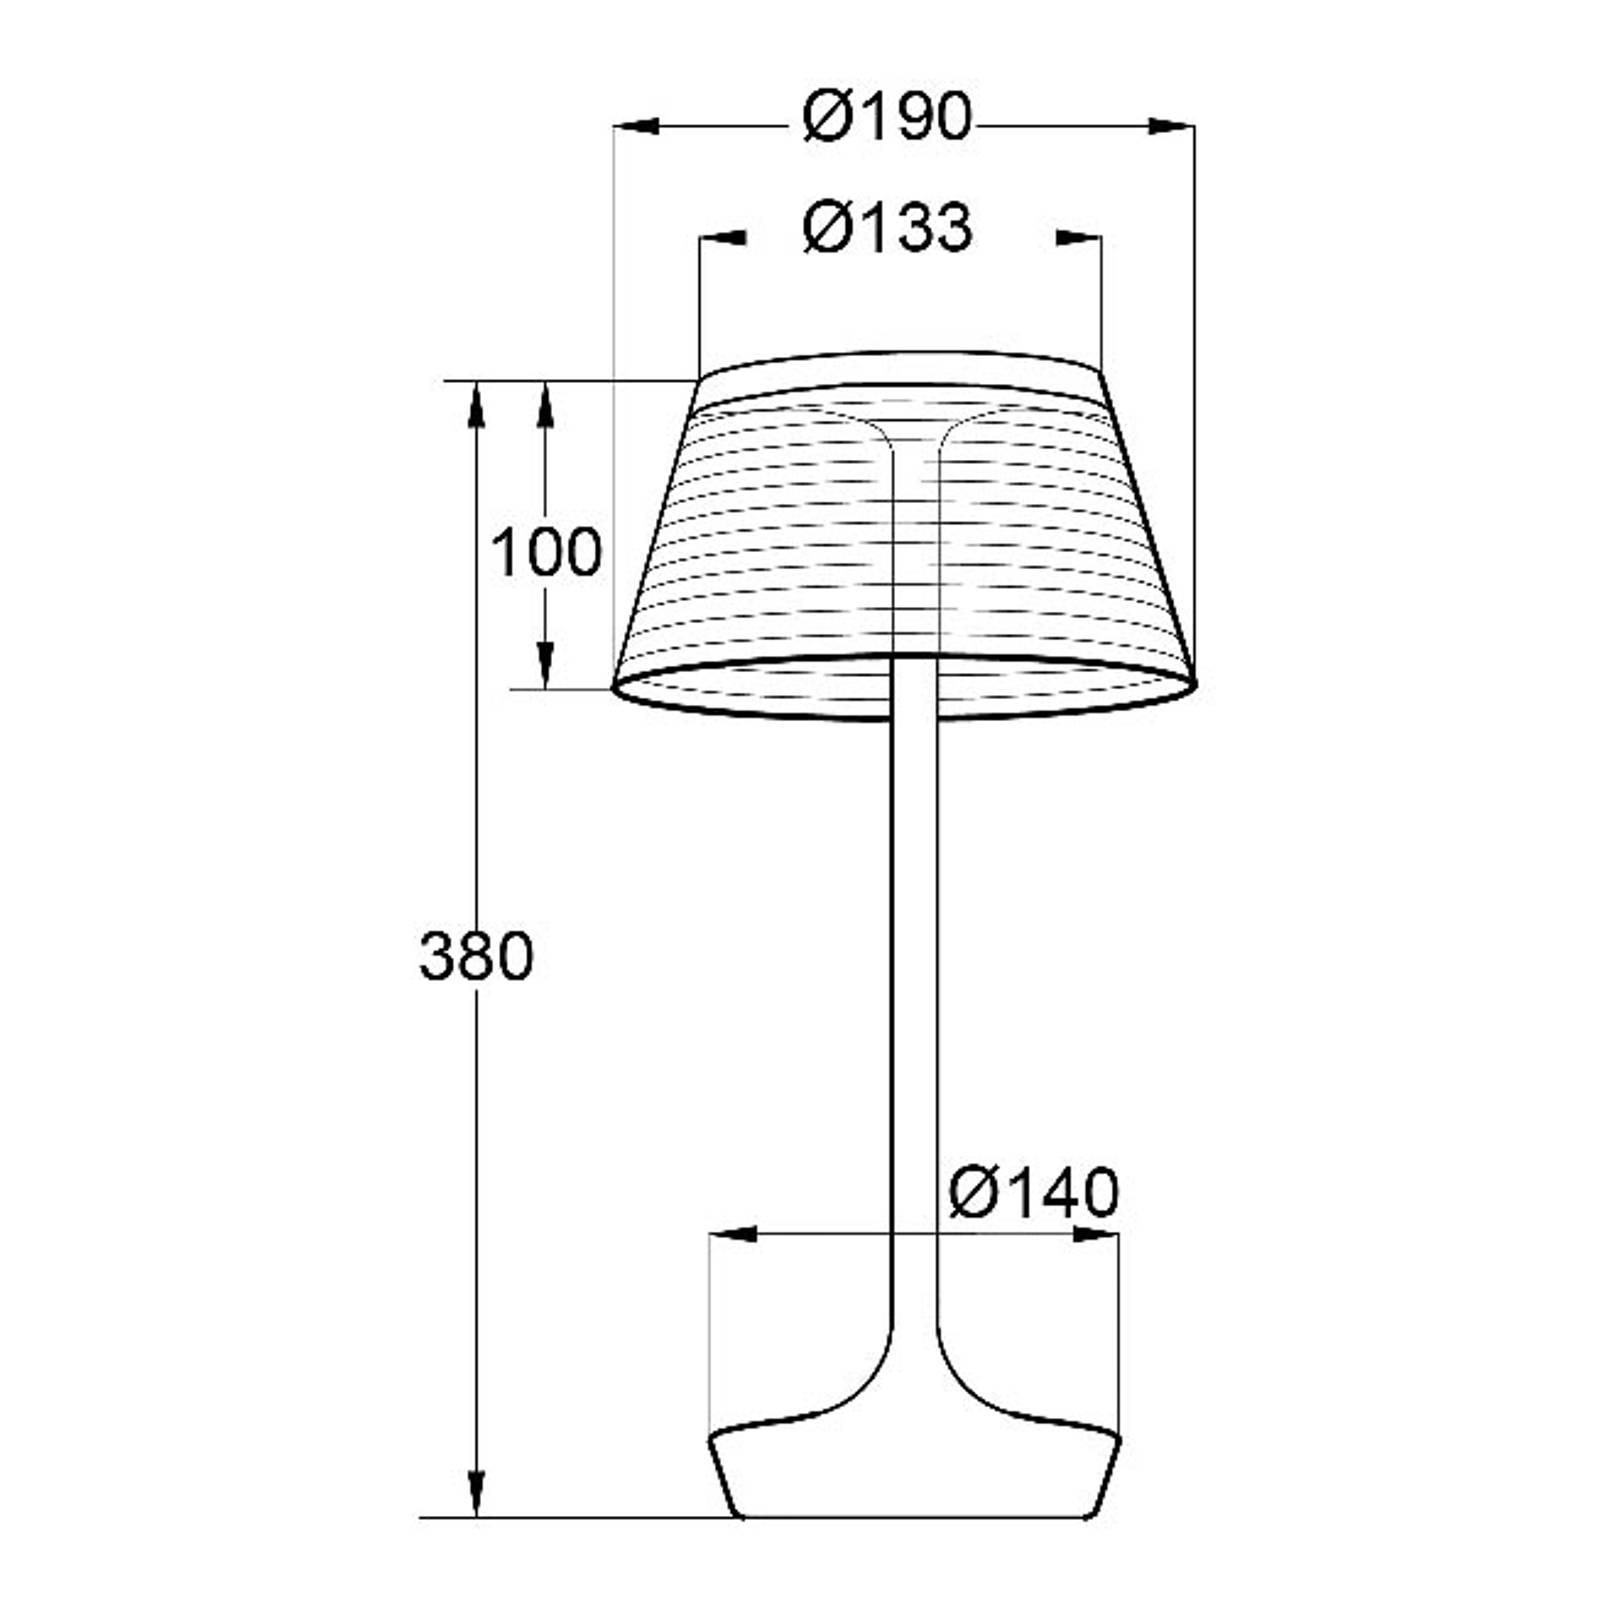 Aluminor La Petite Lampe-LED-pöytälamppu valkoinen